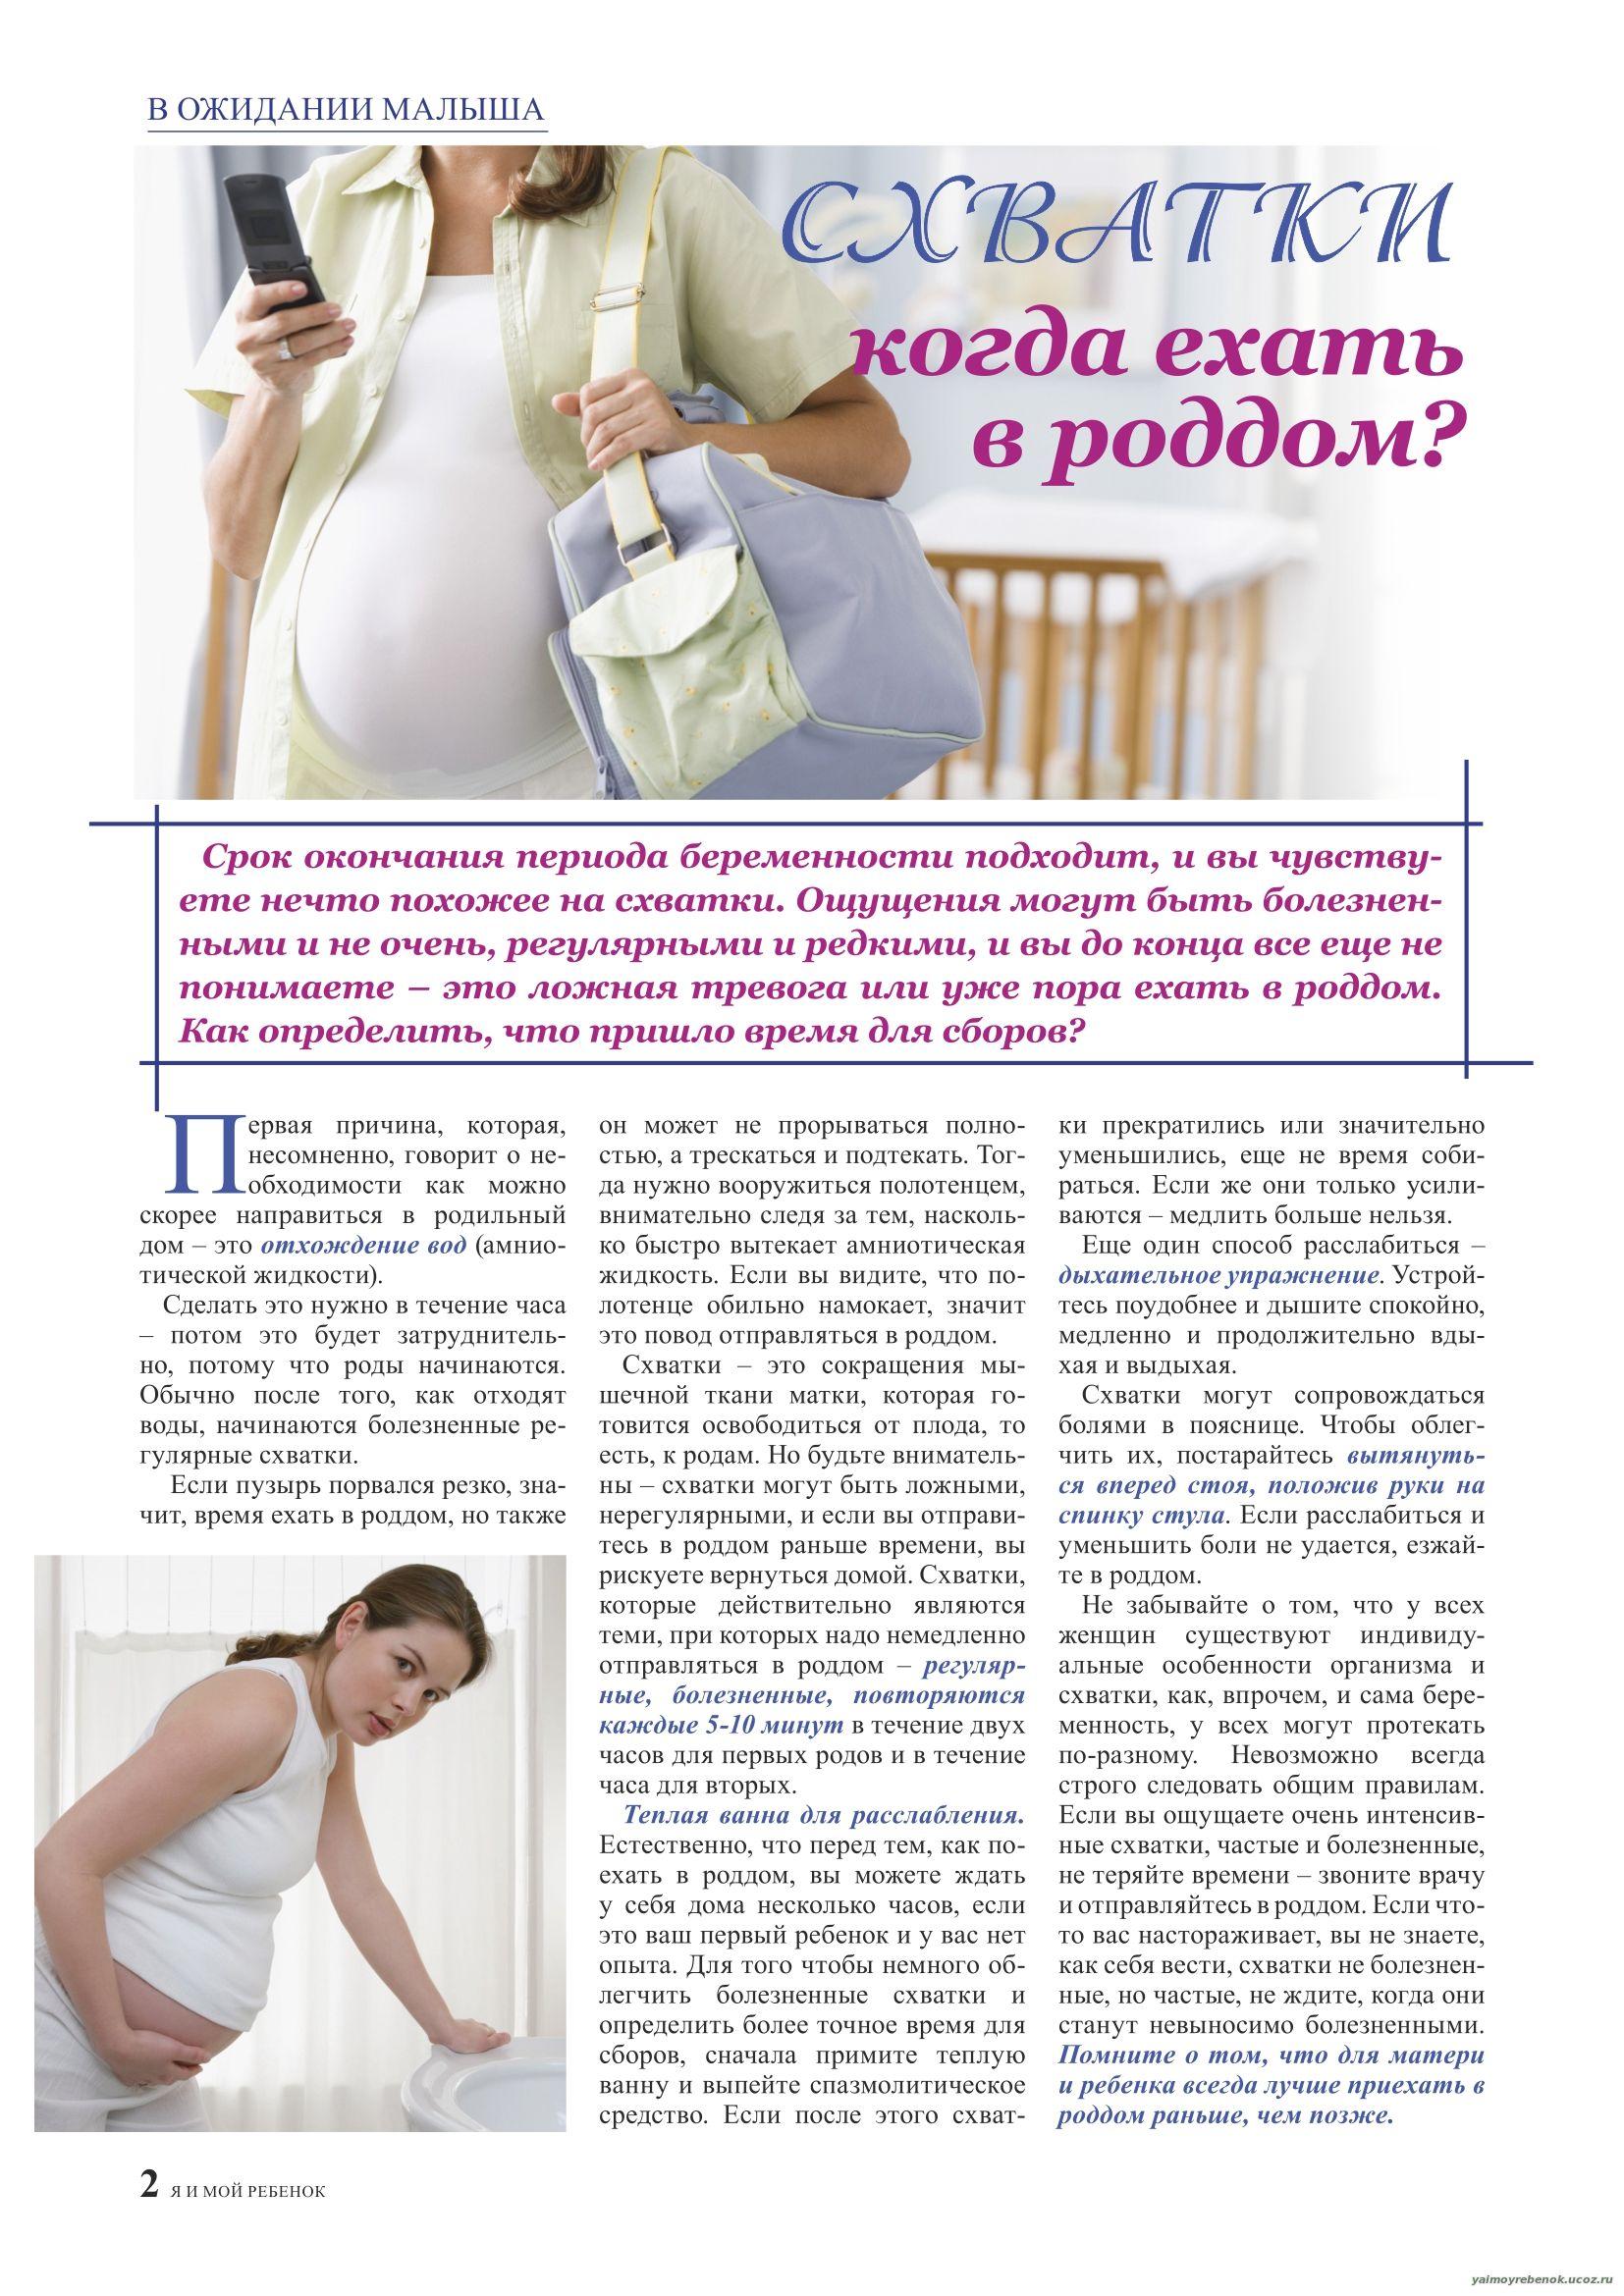 Считается, что у повторнородящих женщин интенсивность схваток будет сразу частая и процесс родов займет вдвое меньше времени, чем у тех, кто сталкивается с этим впервые.